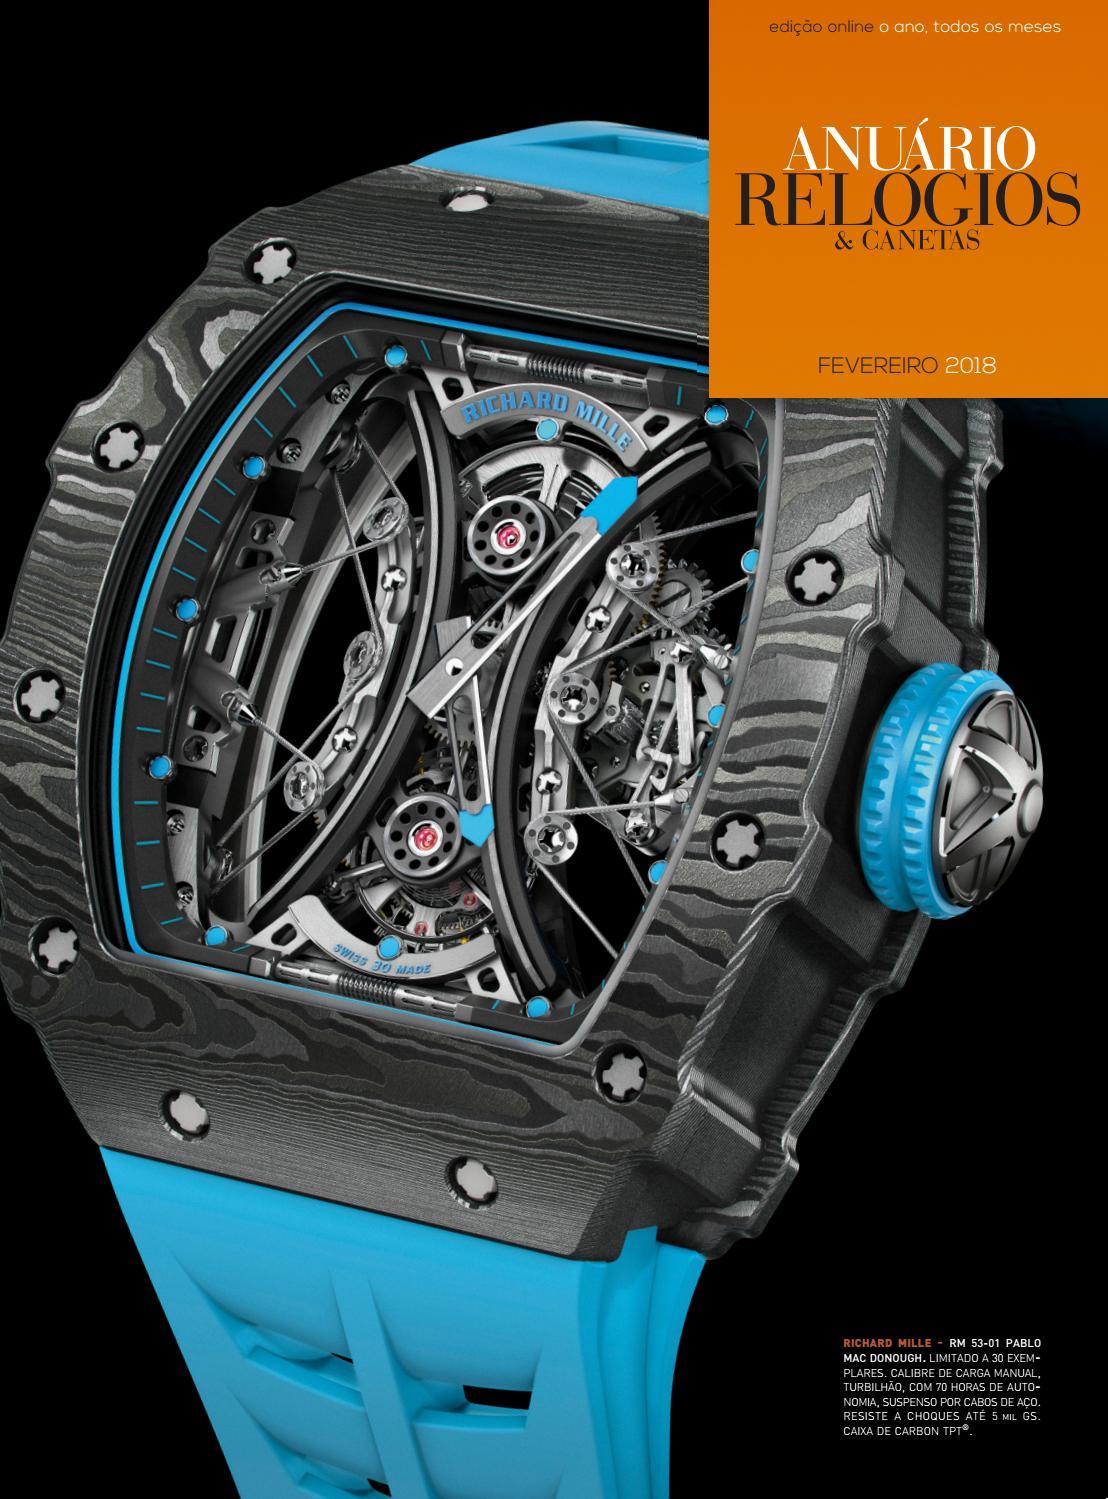 6094d69e23b Anuário Relógios   Canetas - Fevereiro 2018 by Anuário Relógios   Canetas -  issuu